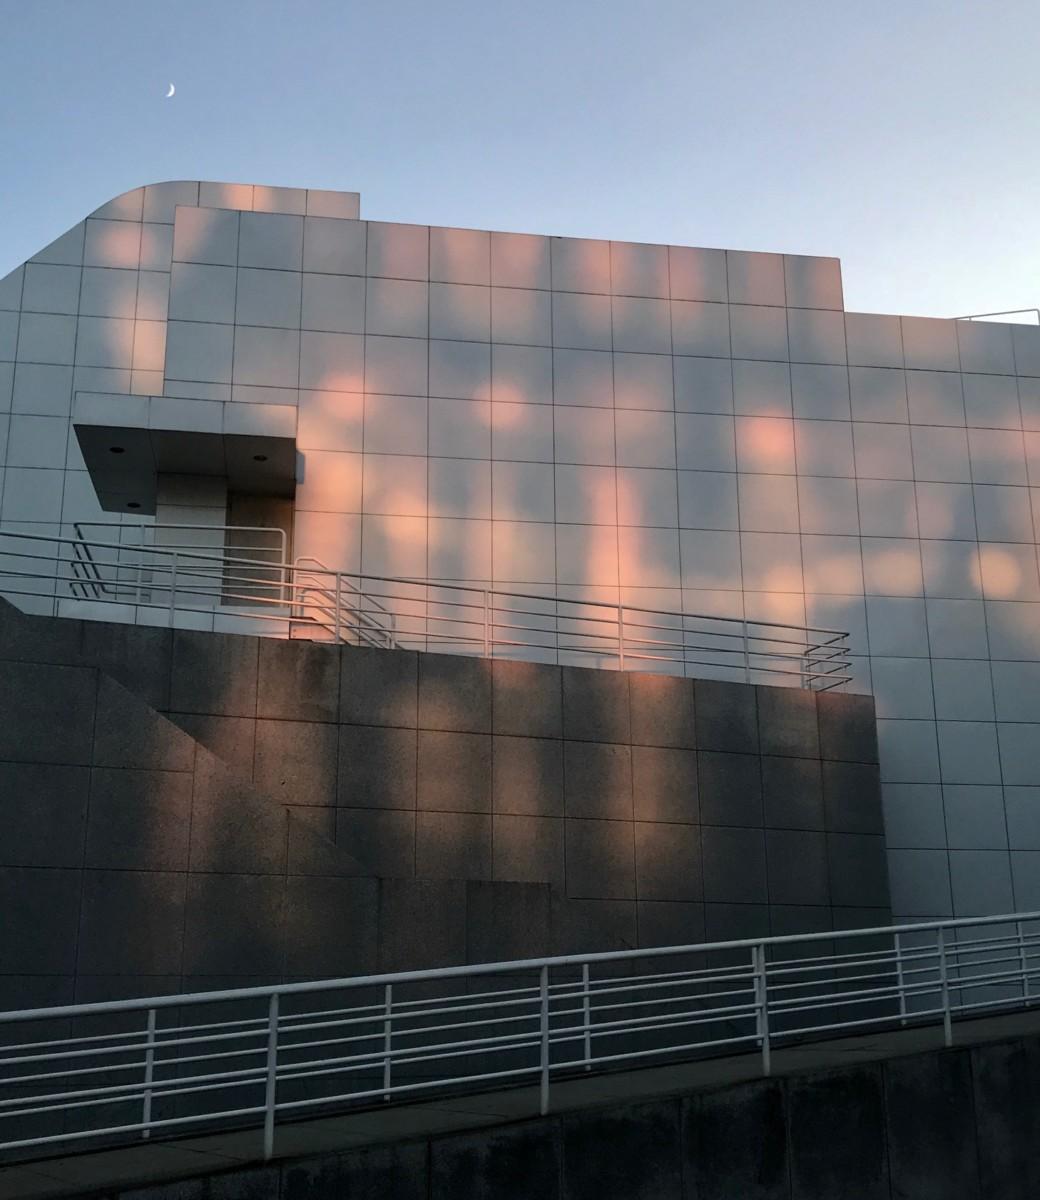 High Museum by Kelly Jordan